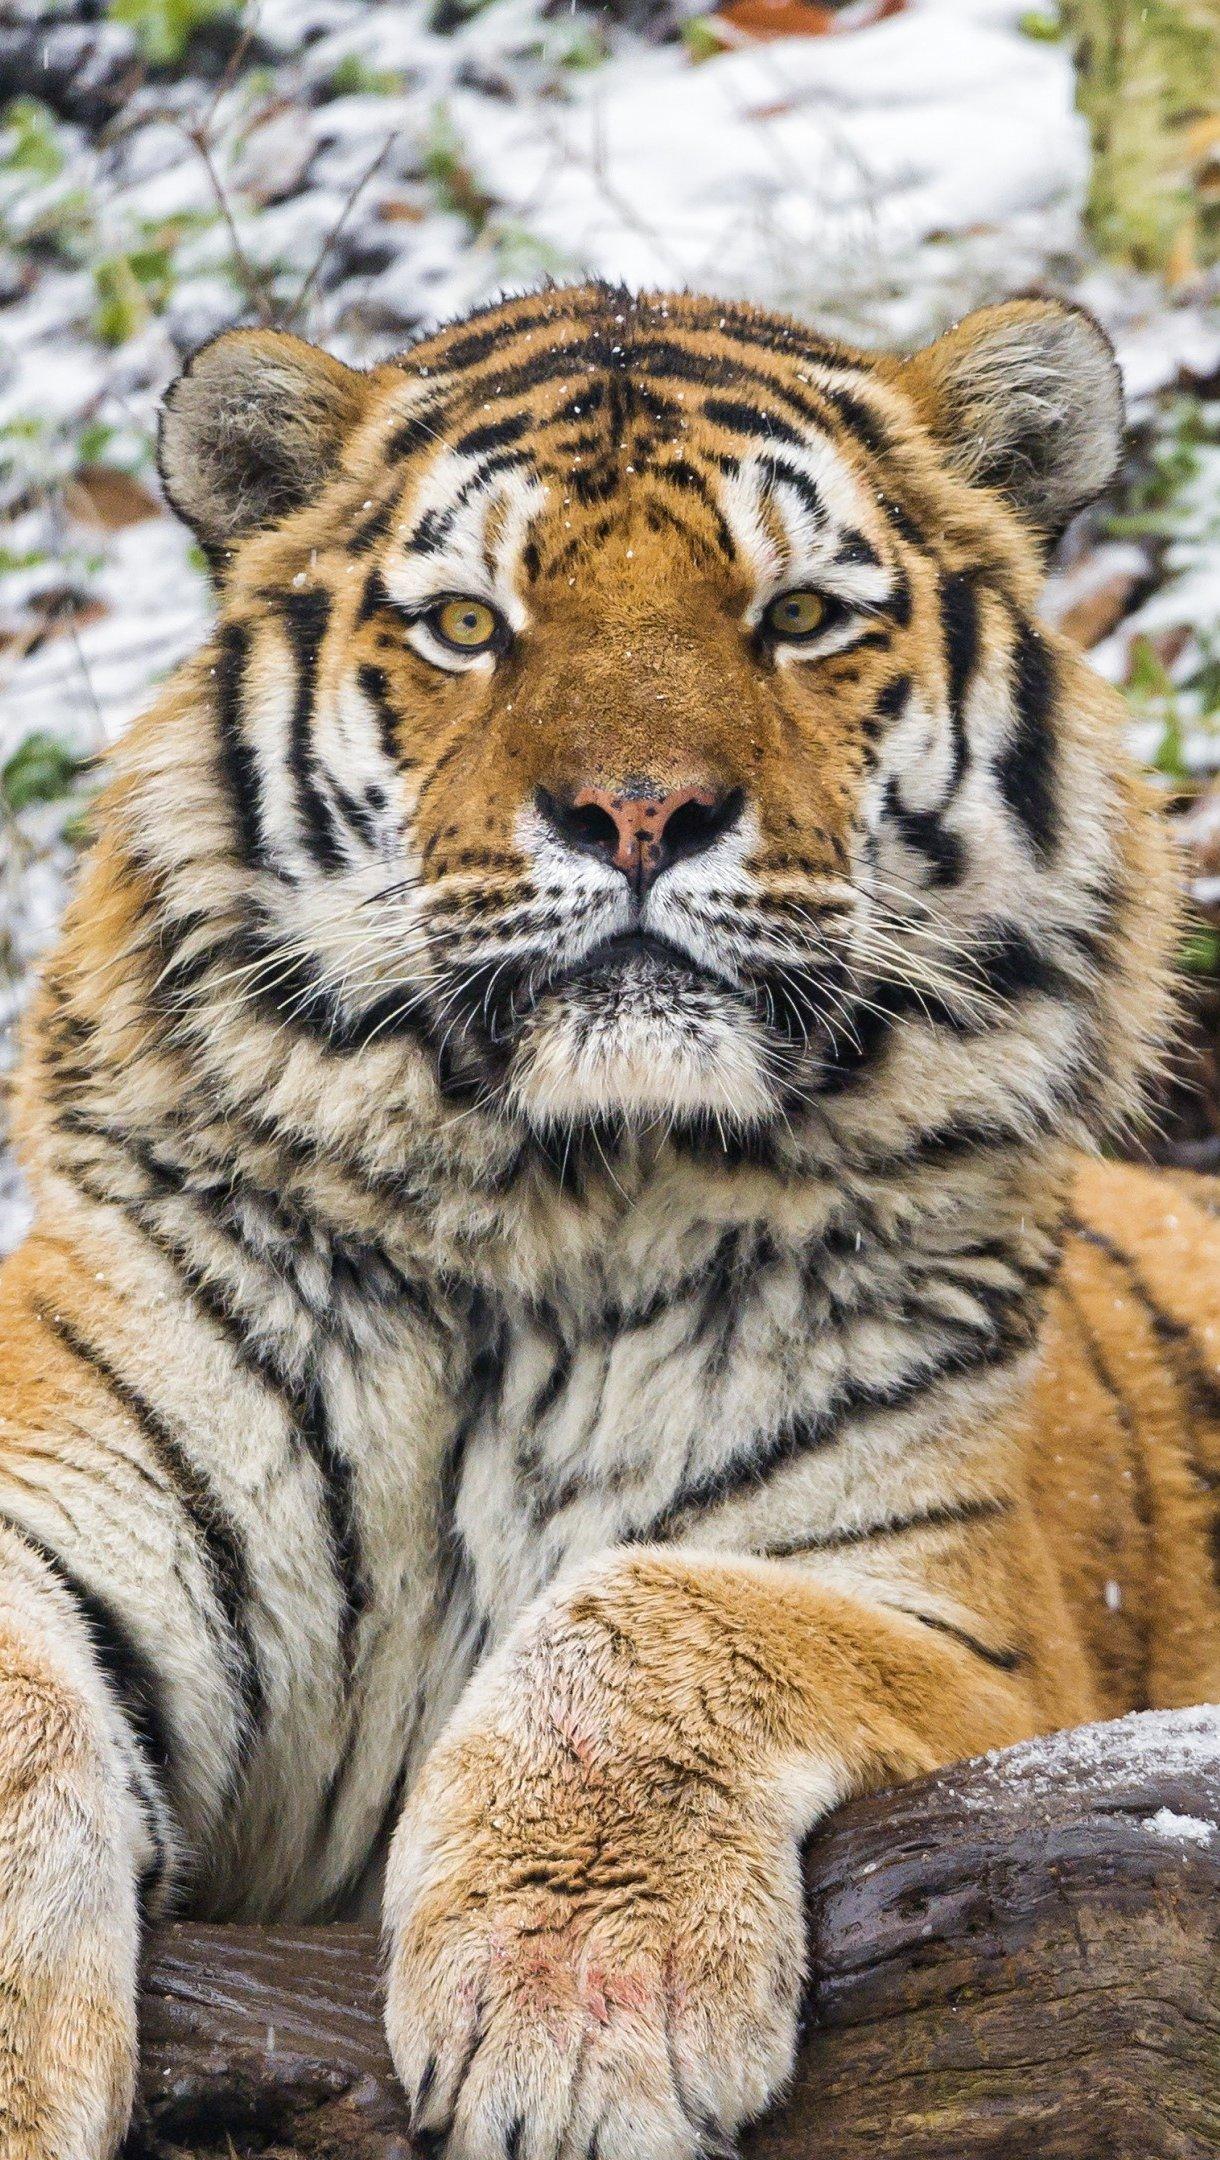 Fondos de pantalla Tigre de Amur Vertical